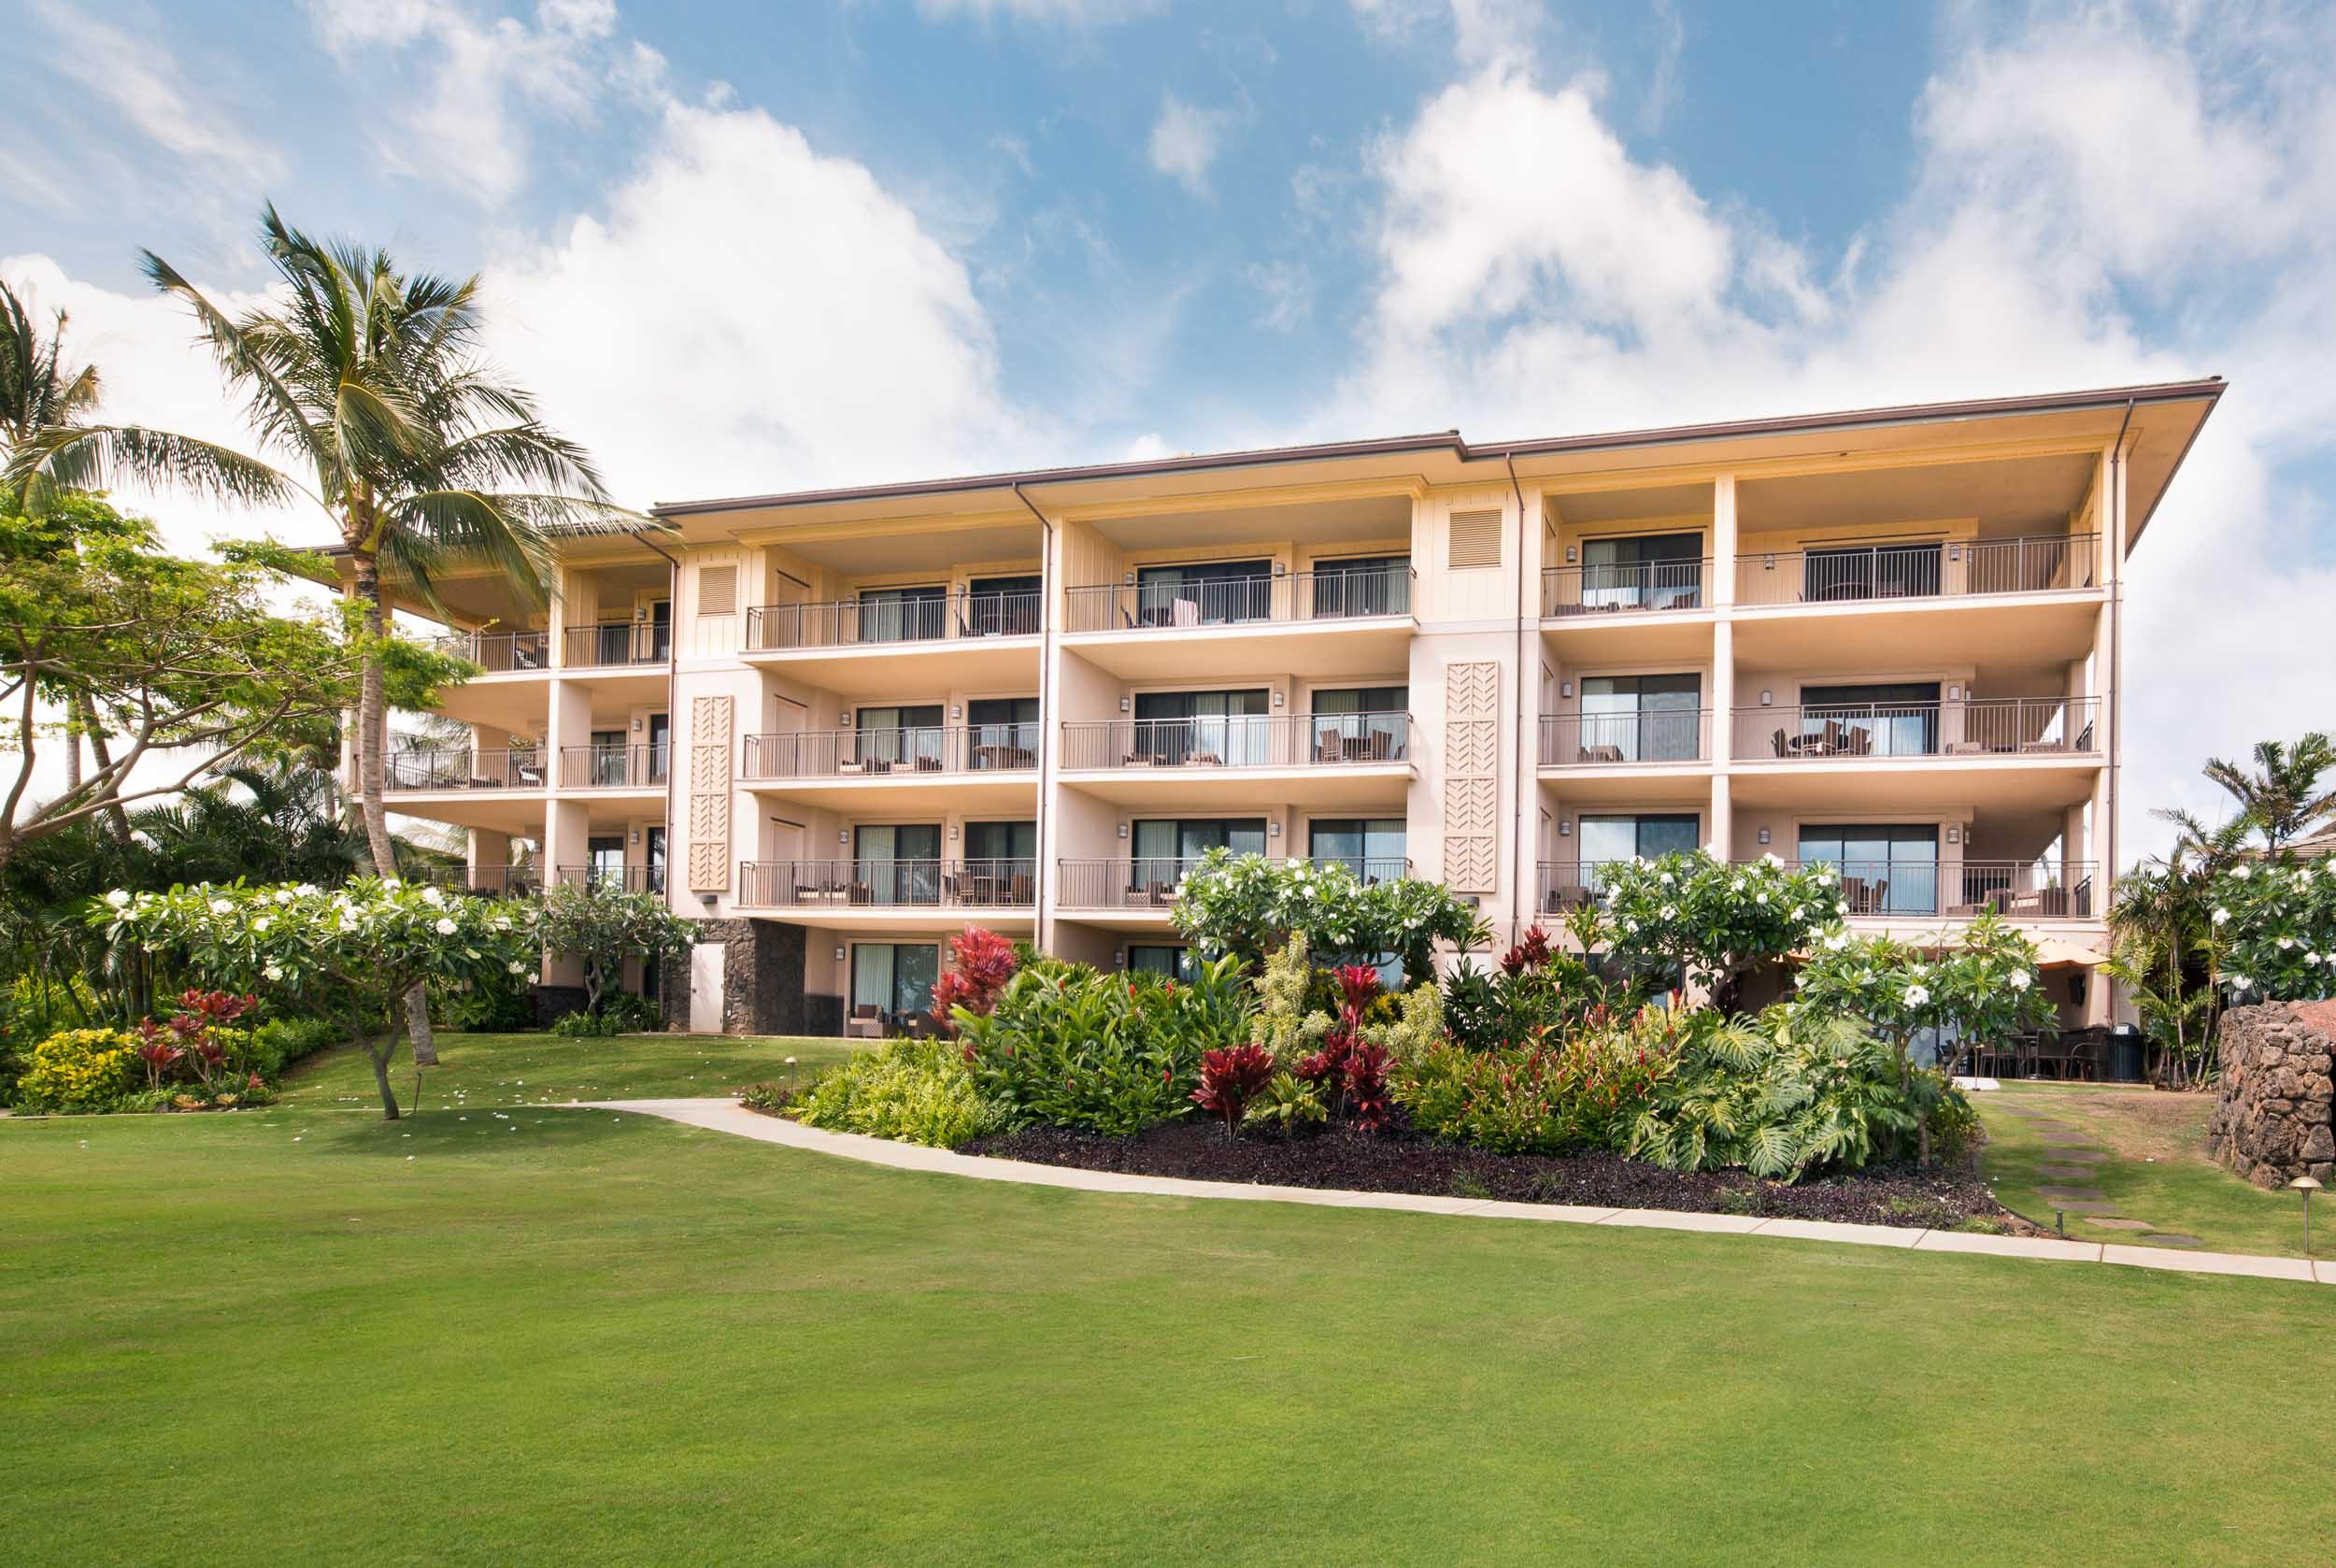 hawaiiresorts_180805_012_2500p.jpg